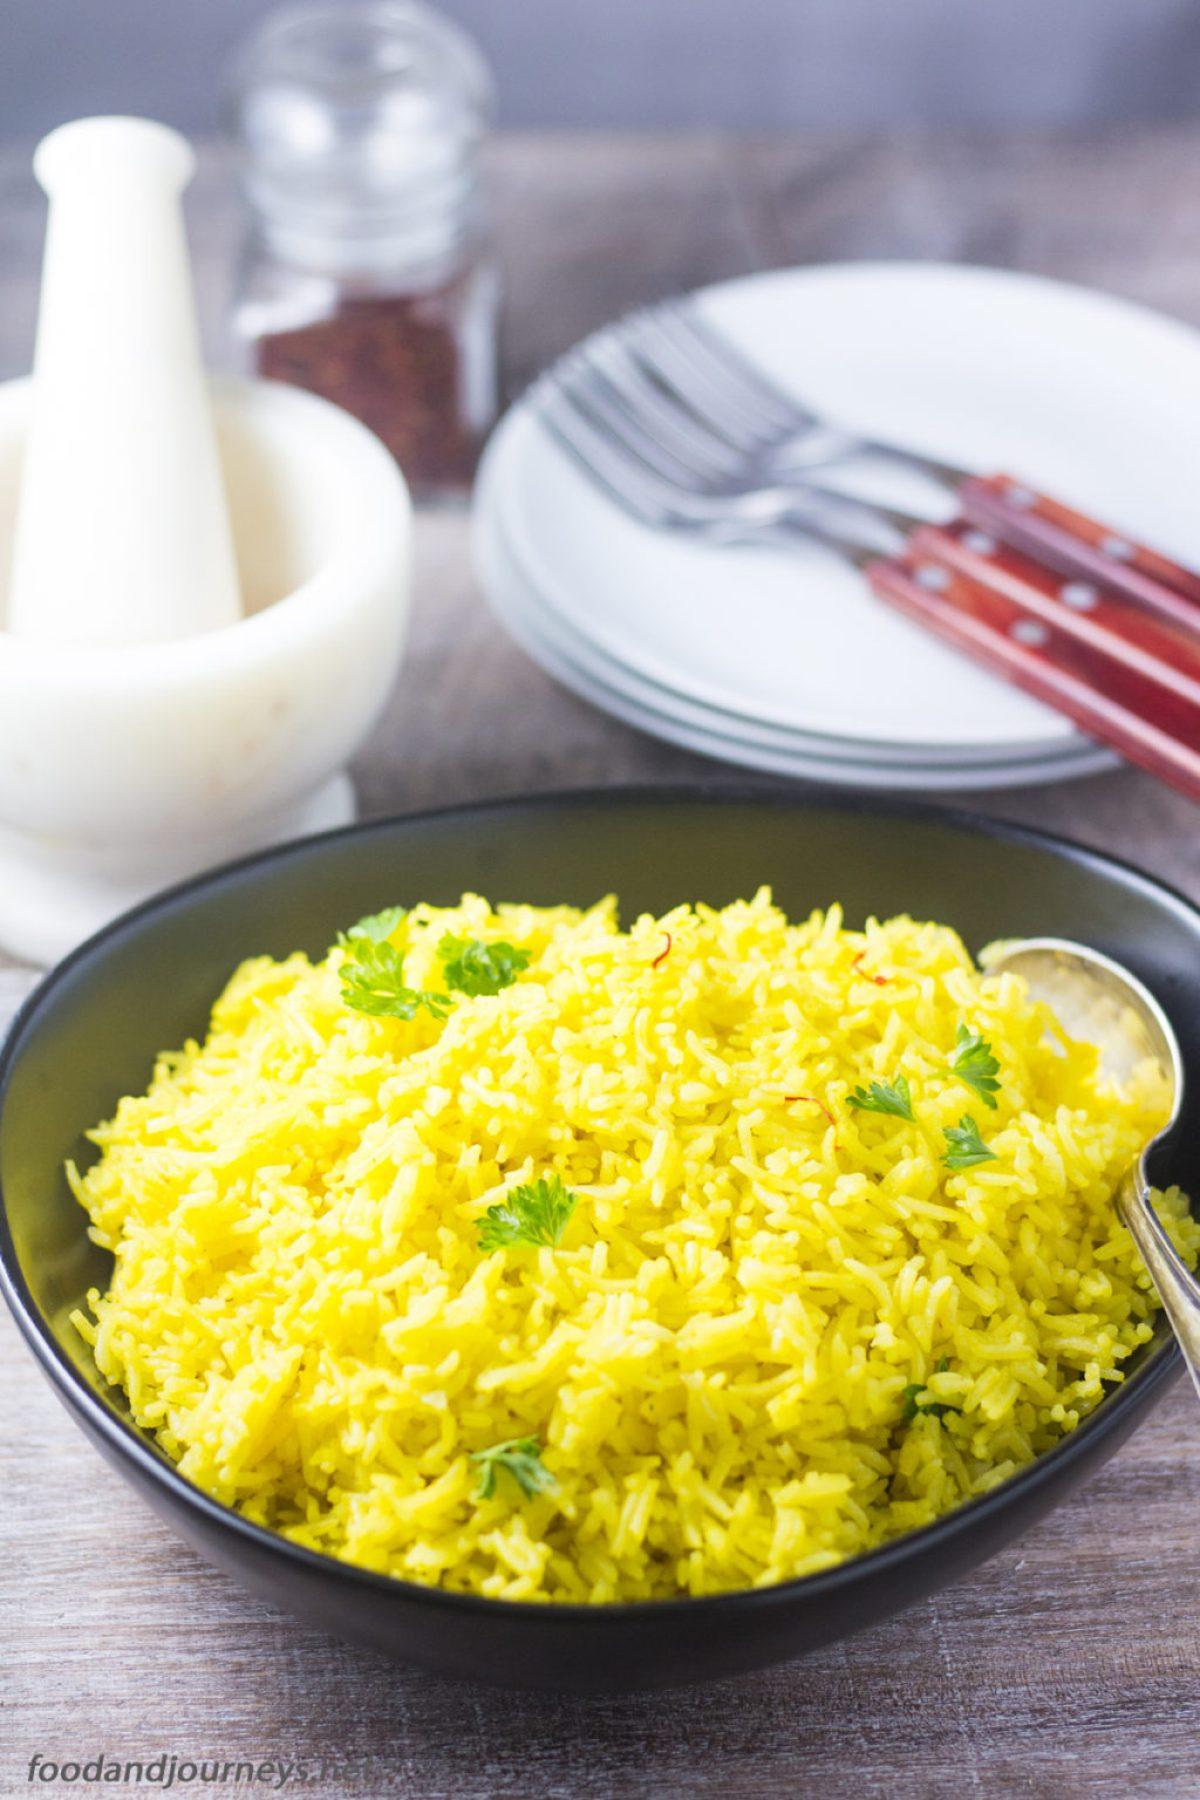 Saffron Rice|foodandjourneys.net